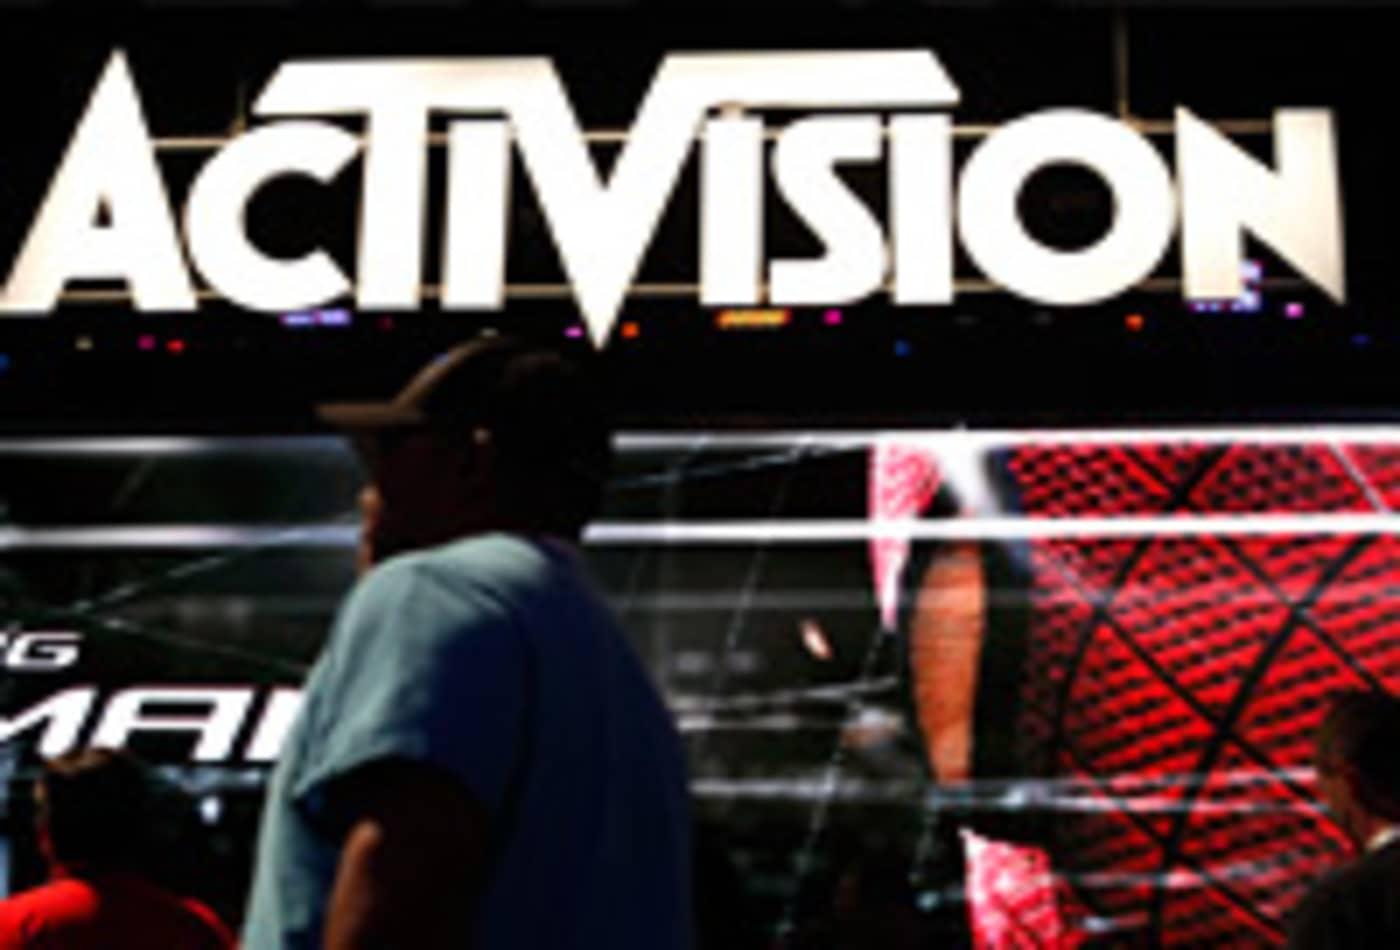 activision-200.jpg